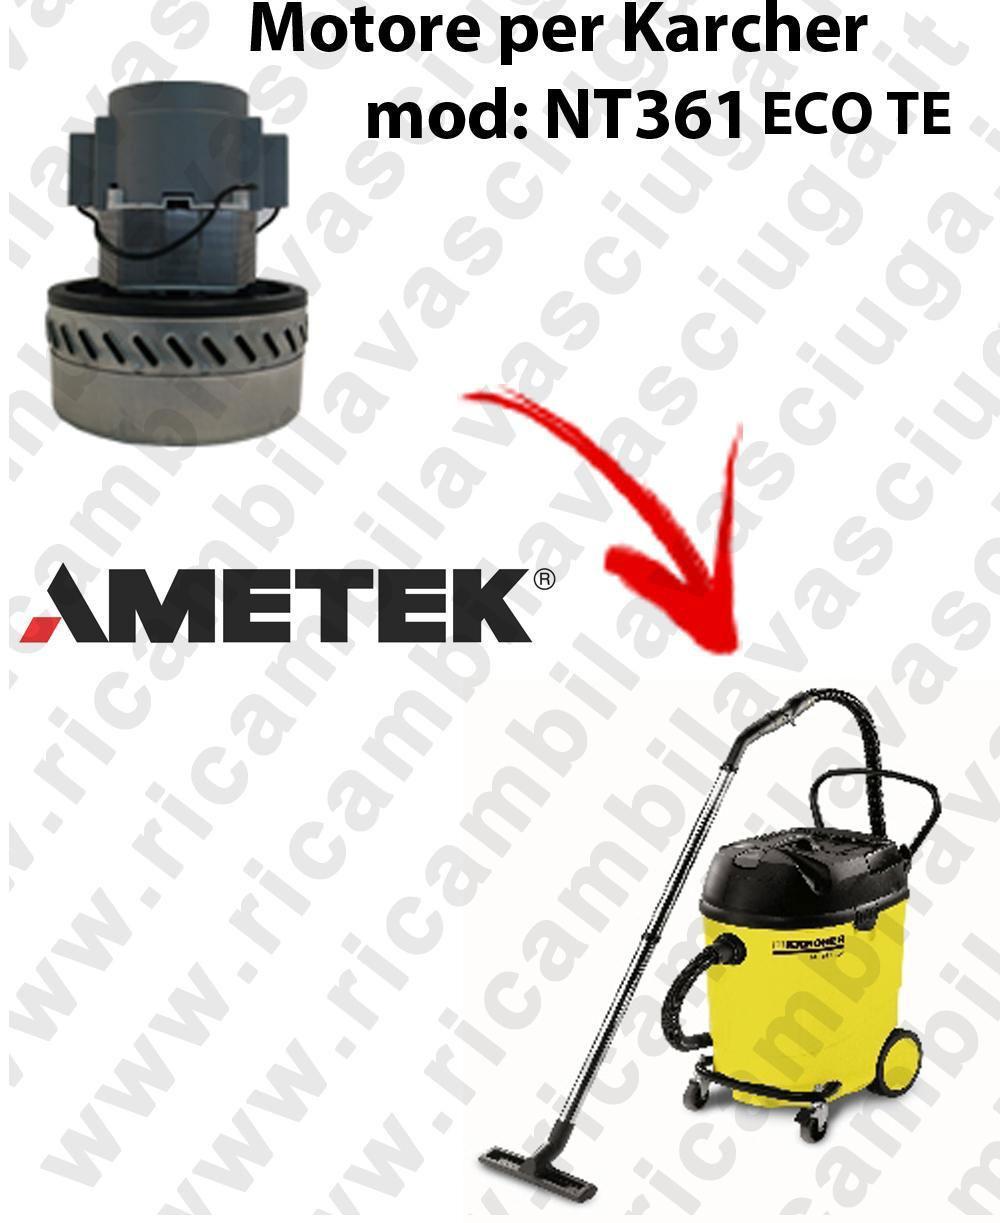 NT361 ECO TE Saugmotor AMETEK für Staubsauger KARCHER